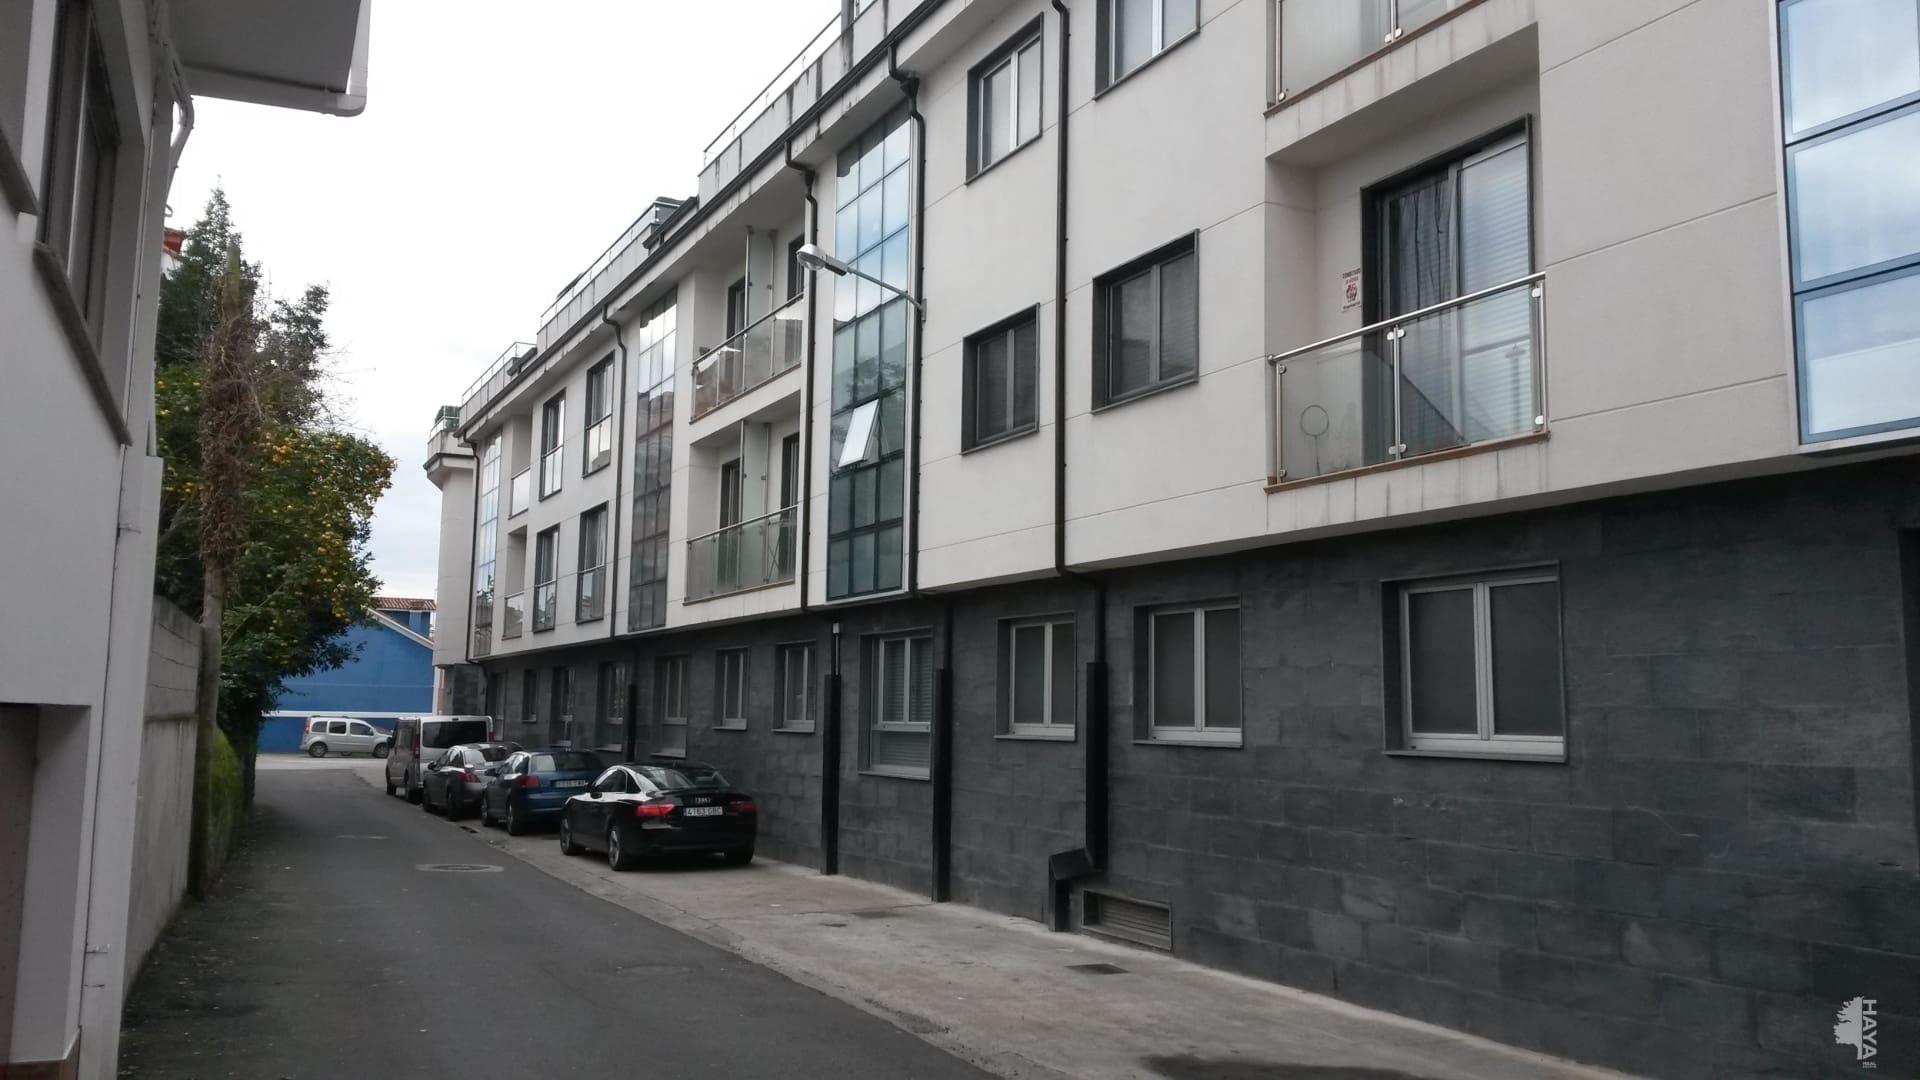 Piso en venta en Ares, A Coruña, Calle Concepcion Arenal, 103.500 €, 3 habitaciones, 2 baños, 80 m2